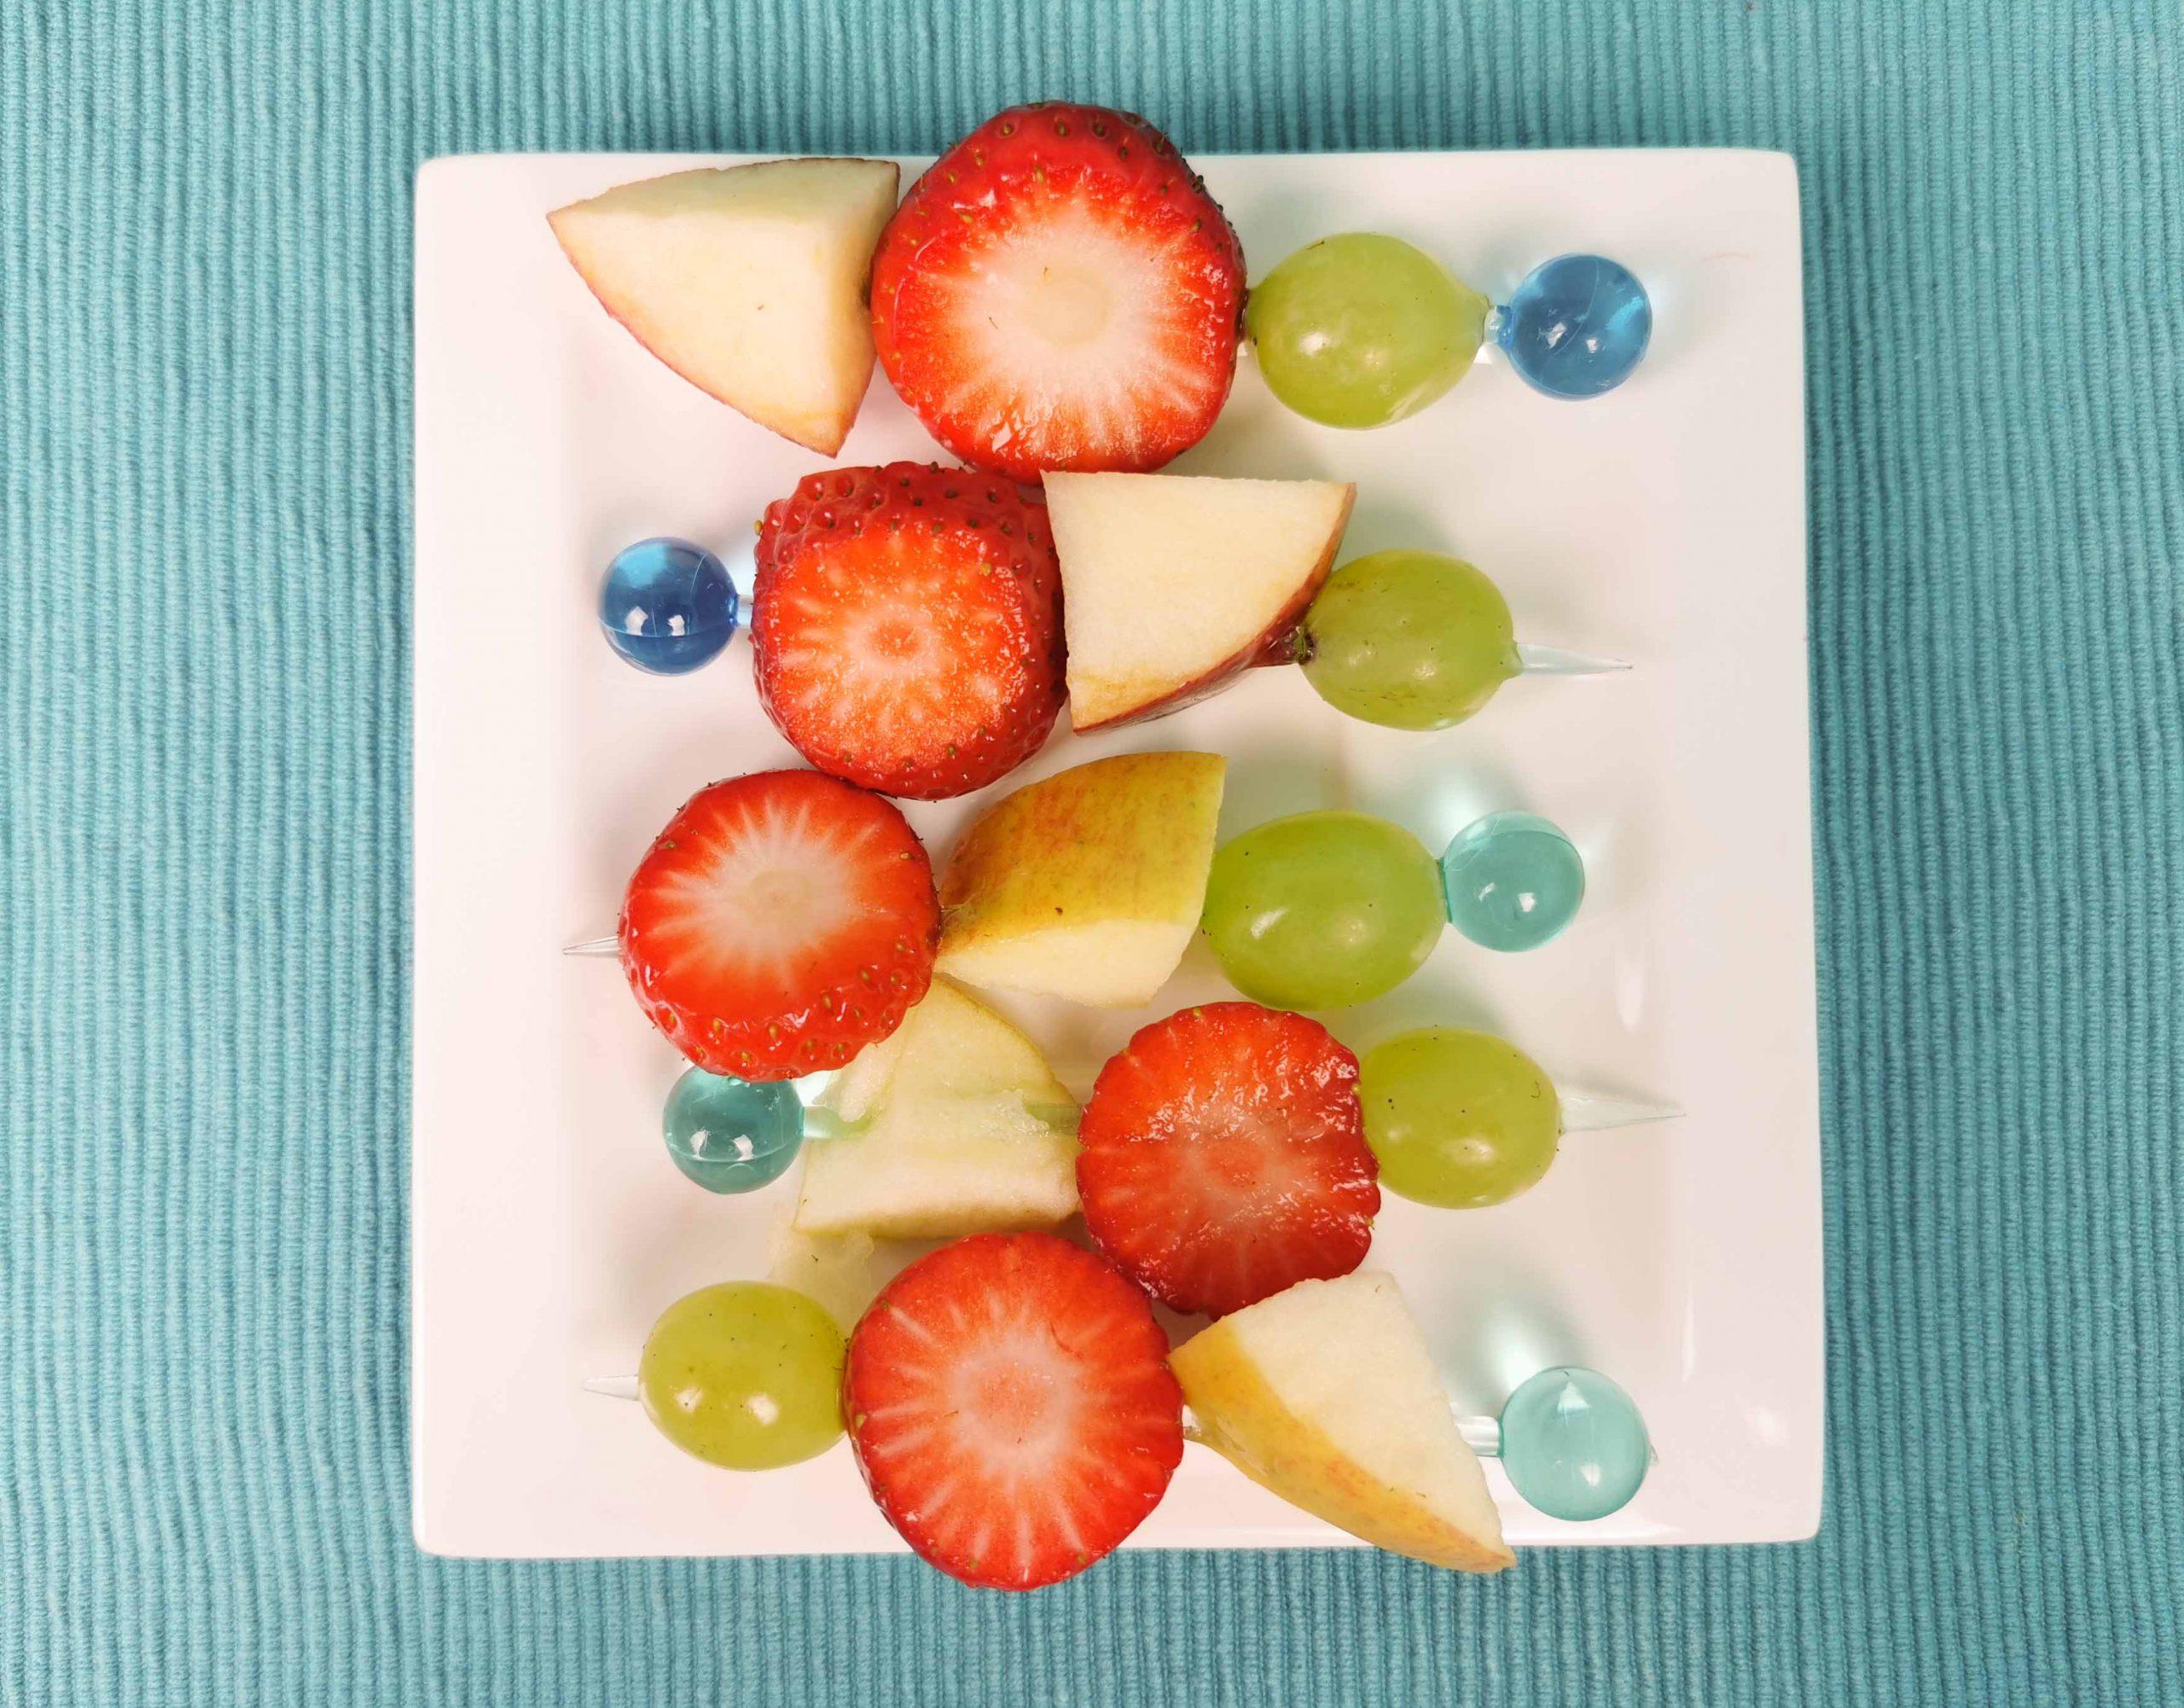 fruitspiesje op een bordje